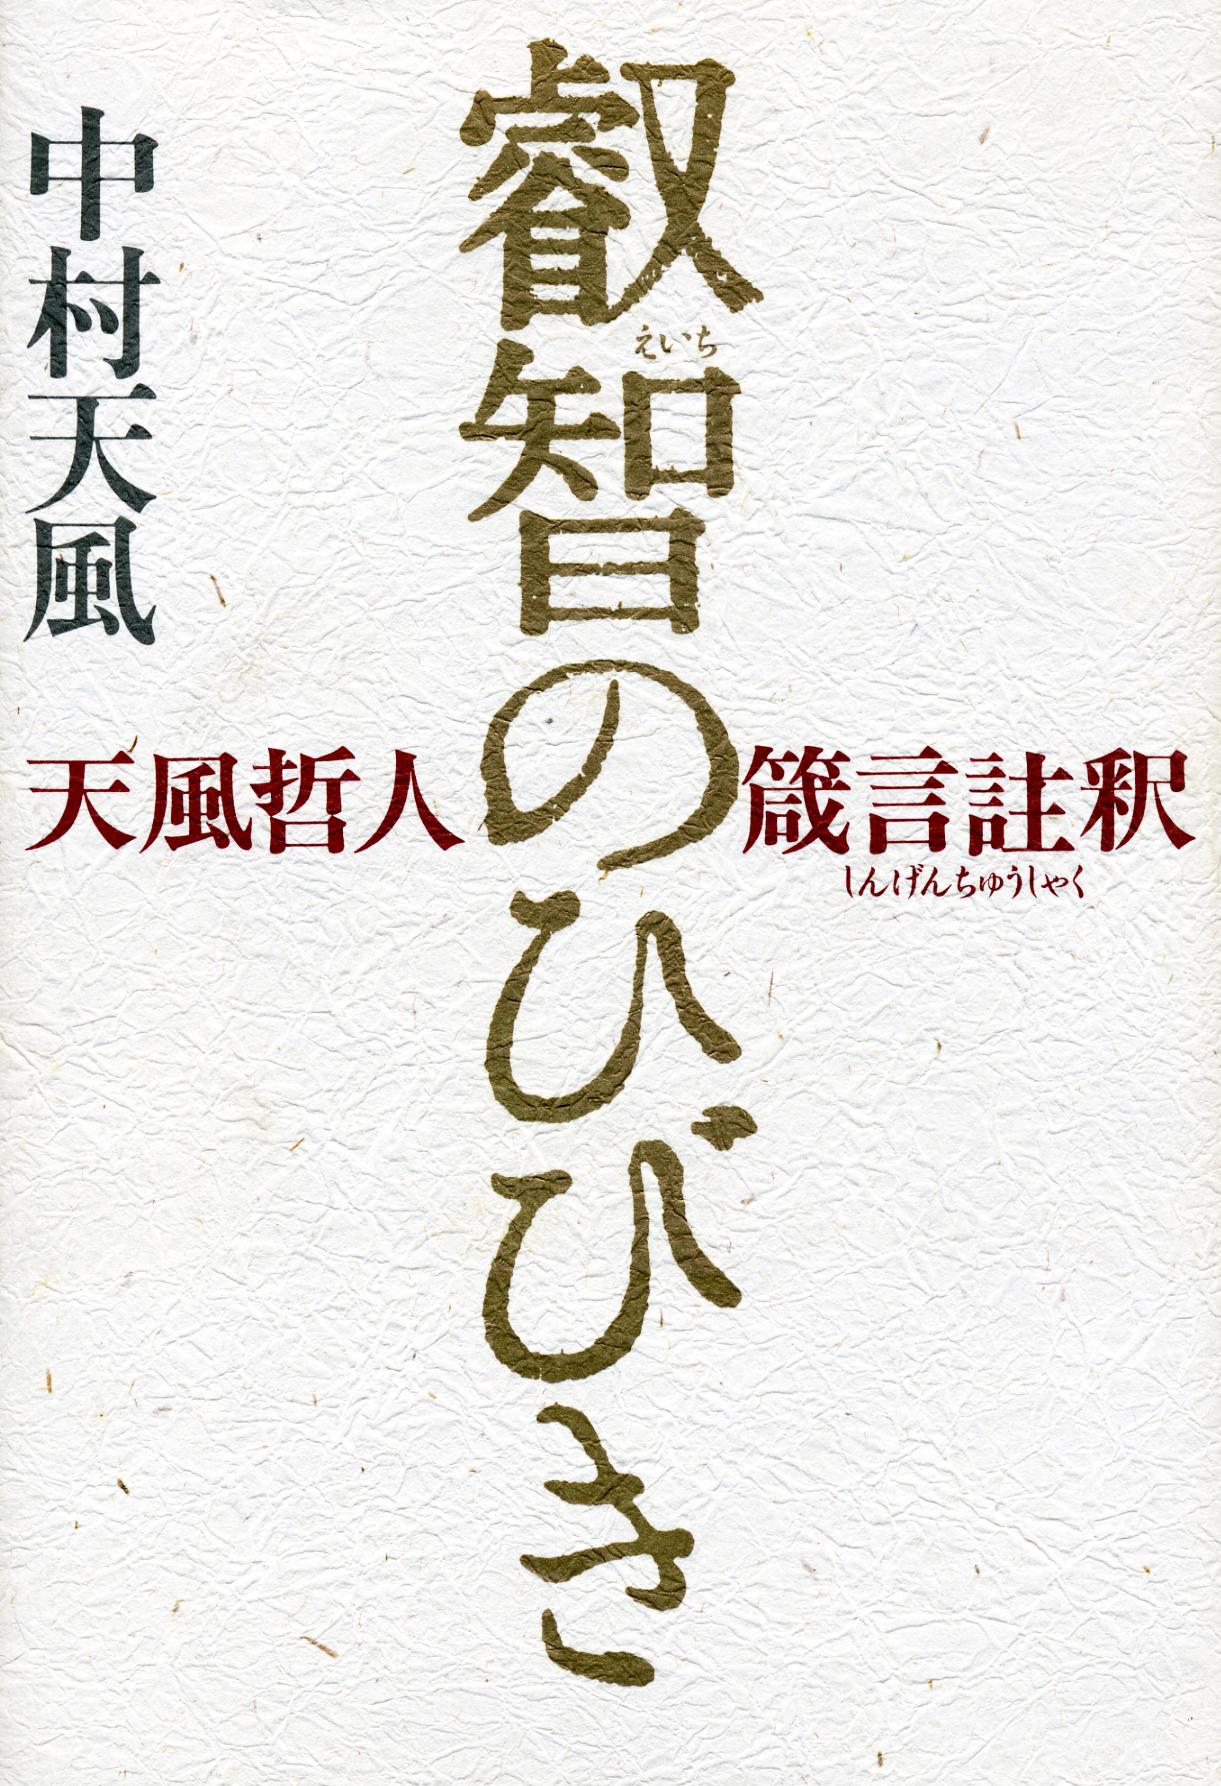 叡智のひびき(天風哲人箴言註釈)   中村天風財団(天風会)書籍・CD ...